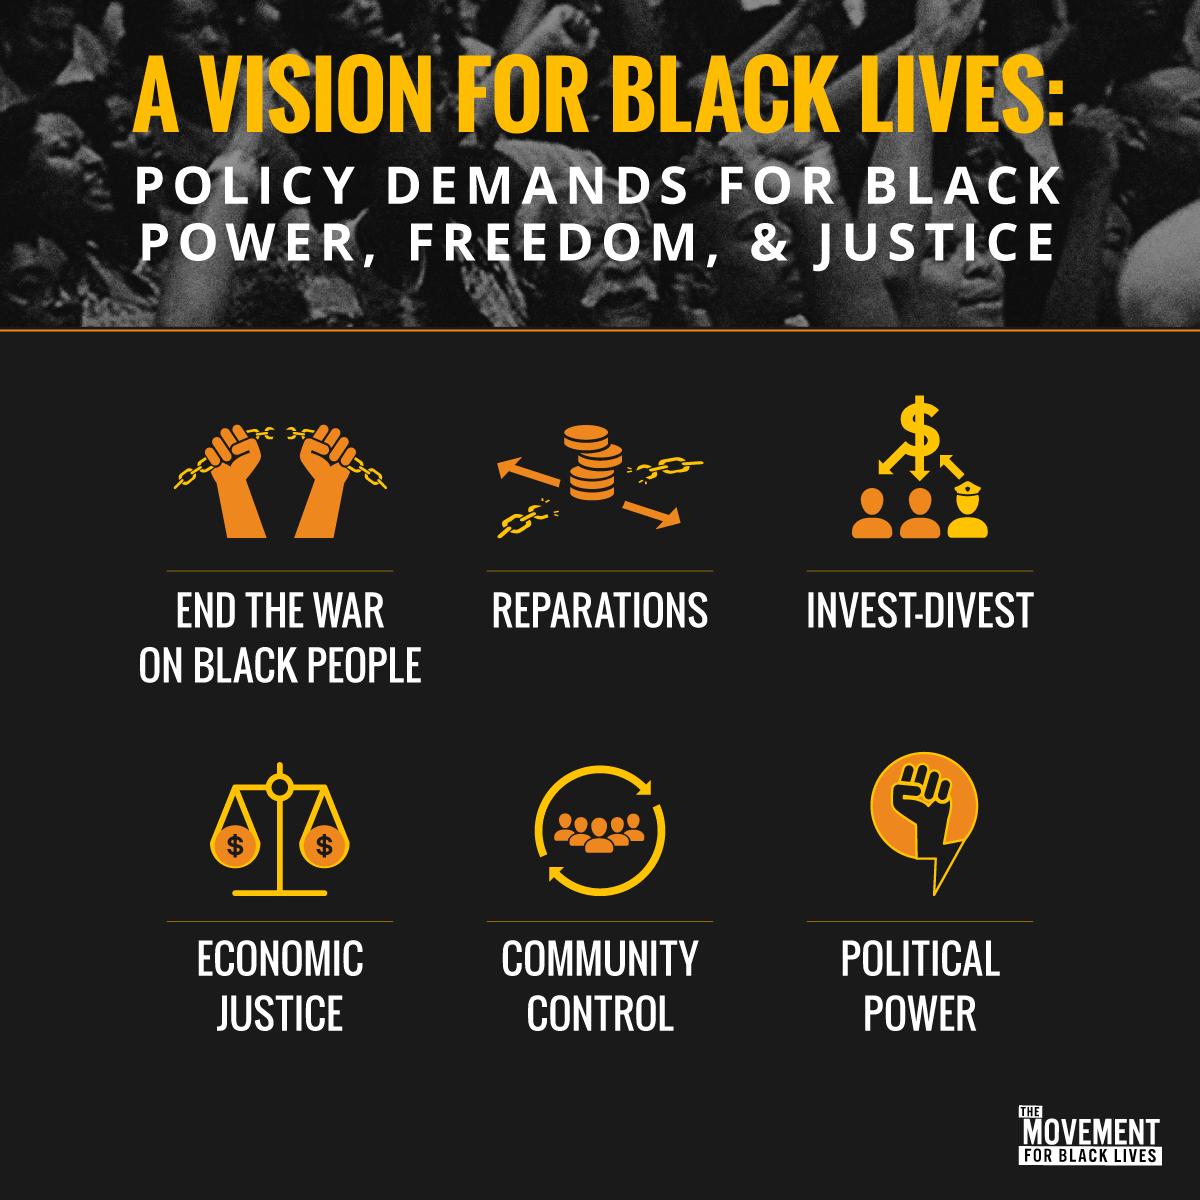 Vision for Black Lives Platform